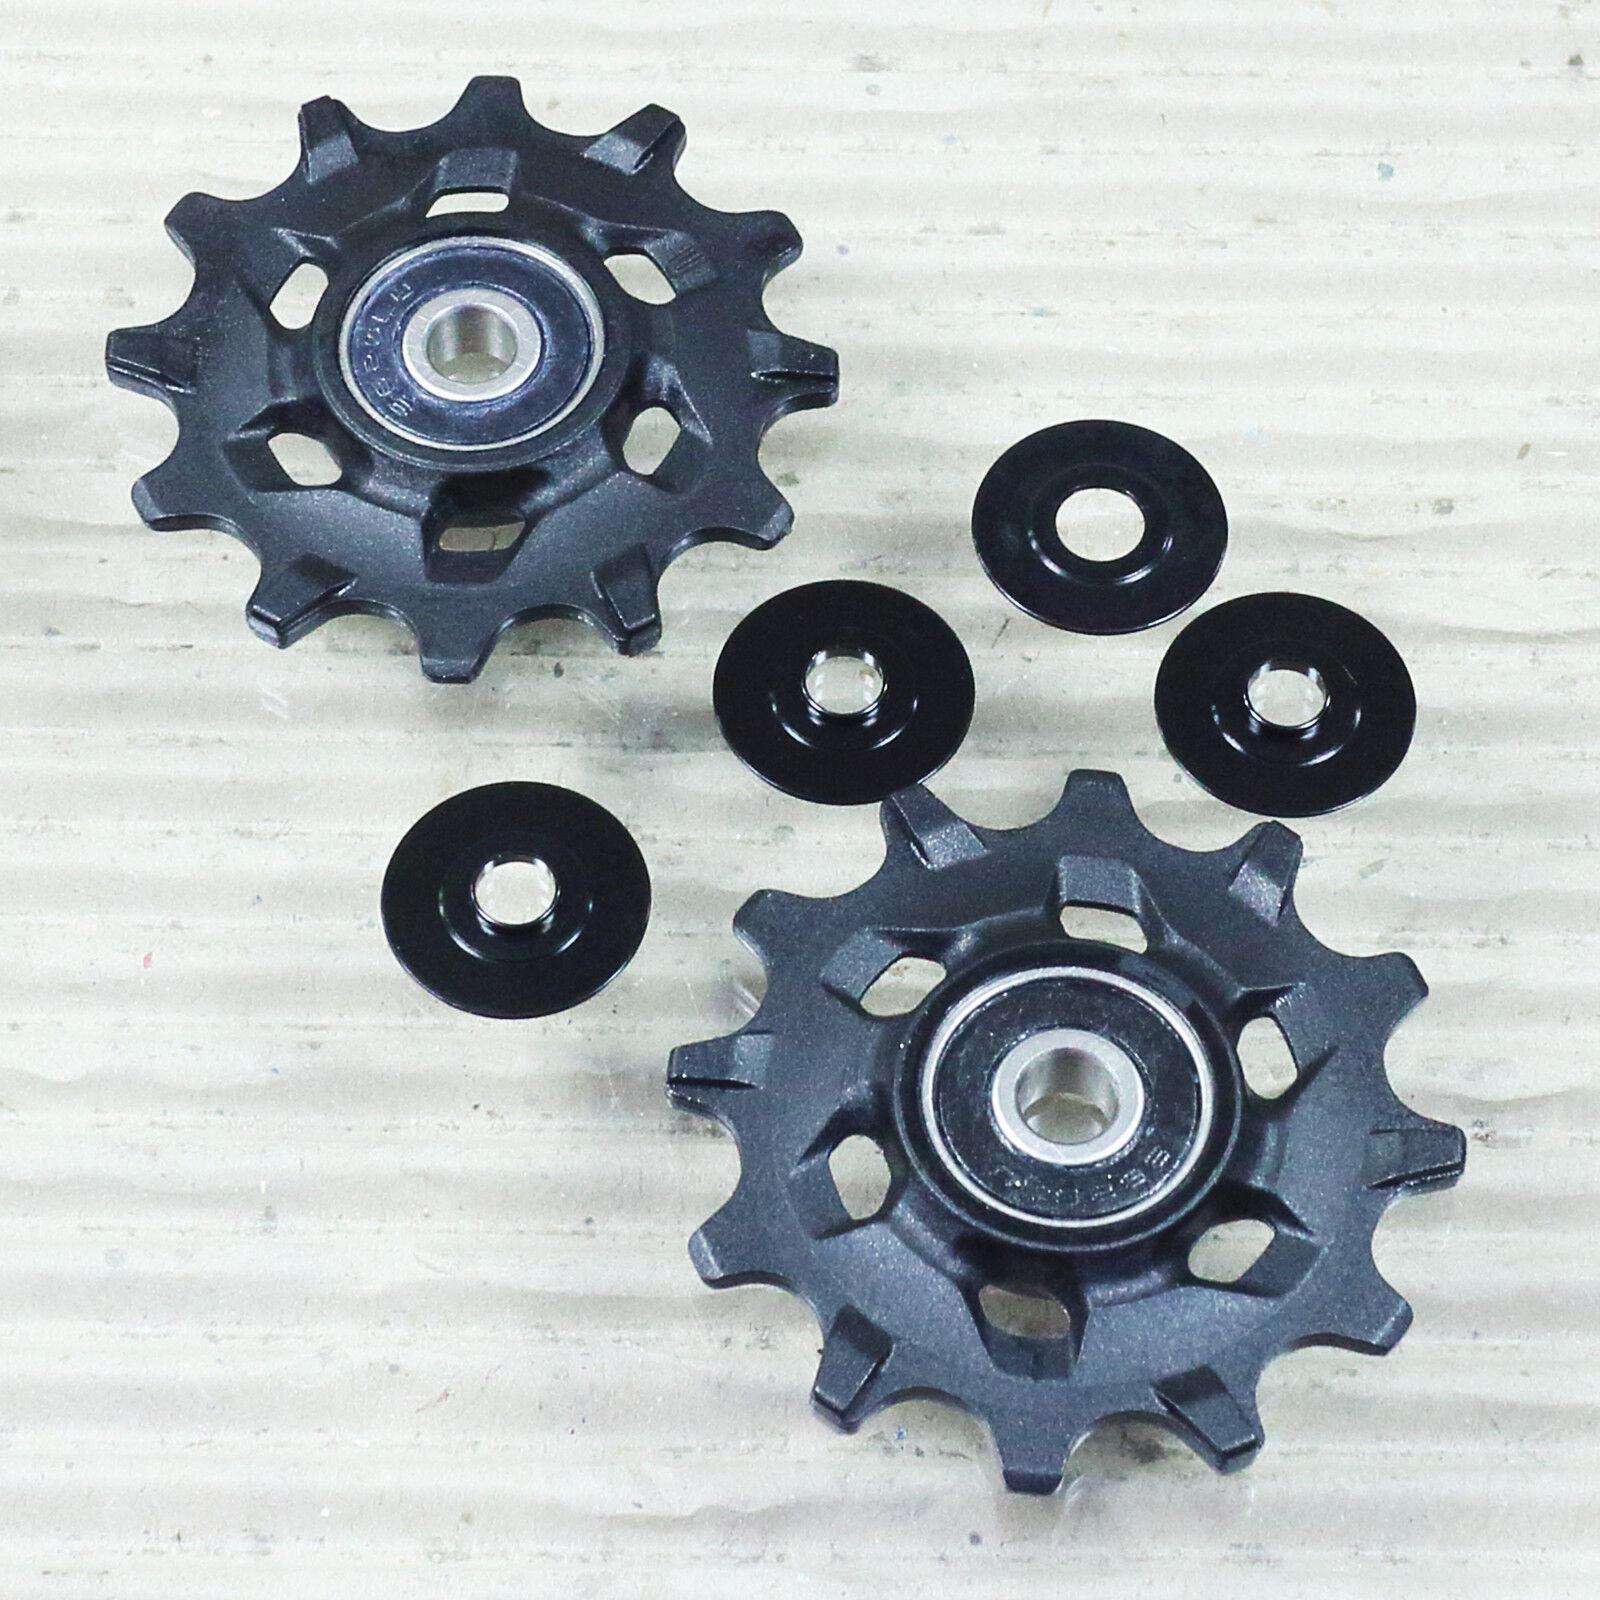 SRAM PULLEY SET - NUR für X01 X01DH X1 X1 X1 CX1 Schaltwerk - 11.7518.032.000 a90a37